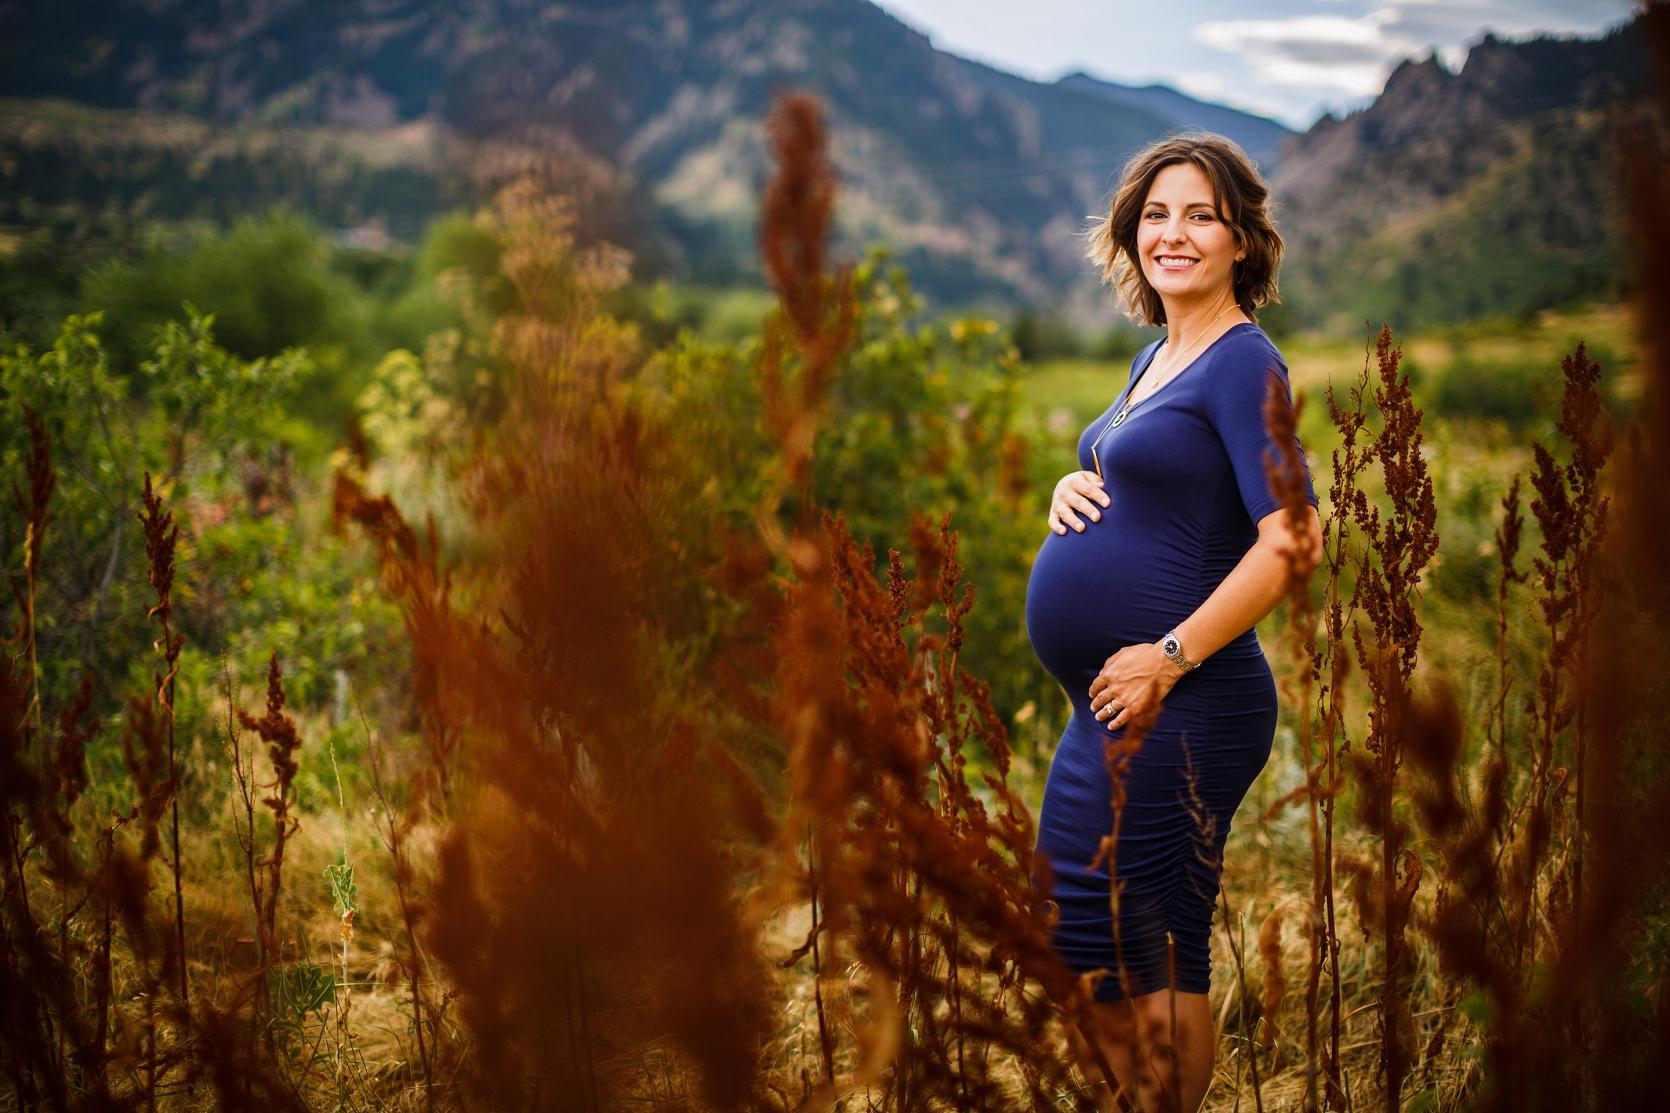 South_Mesa_Trailhead_Maternity_Session_0003b